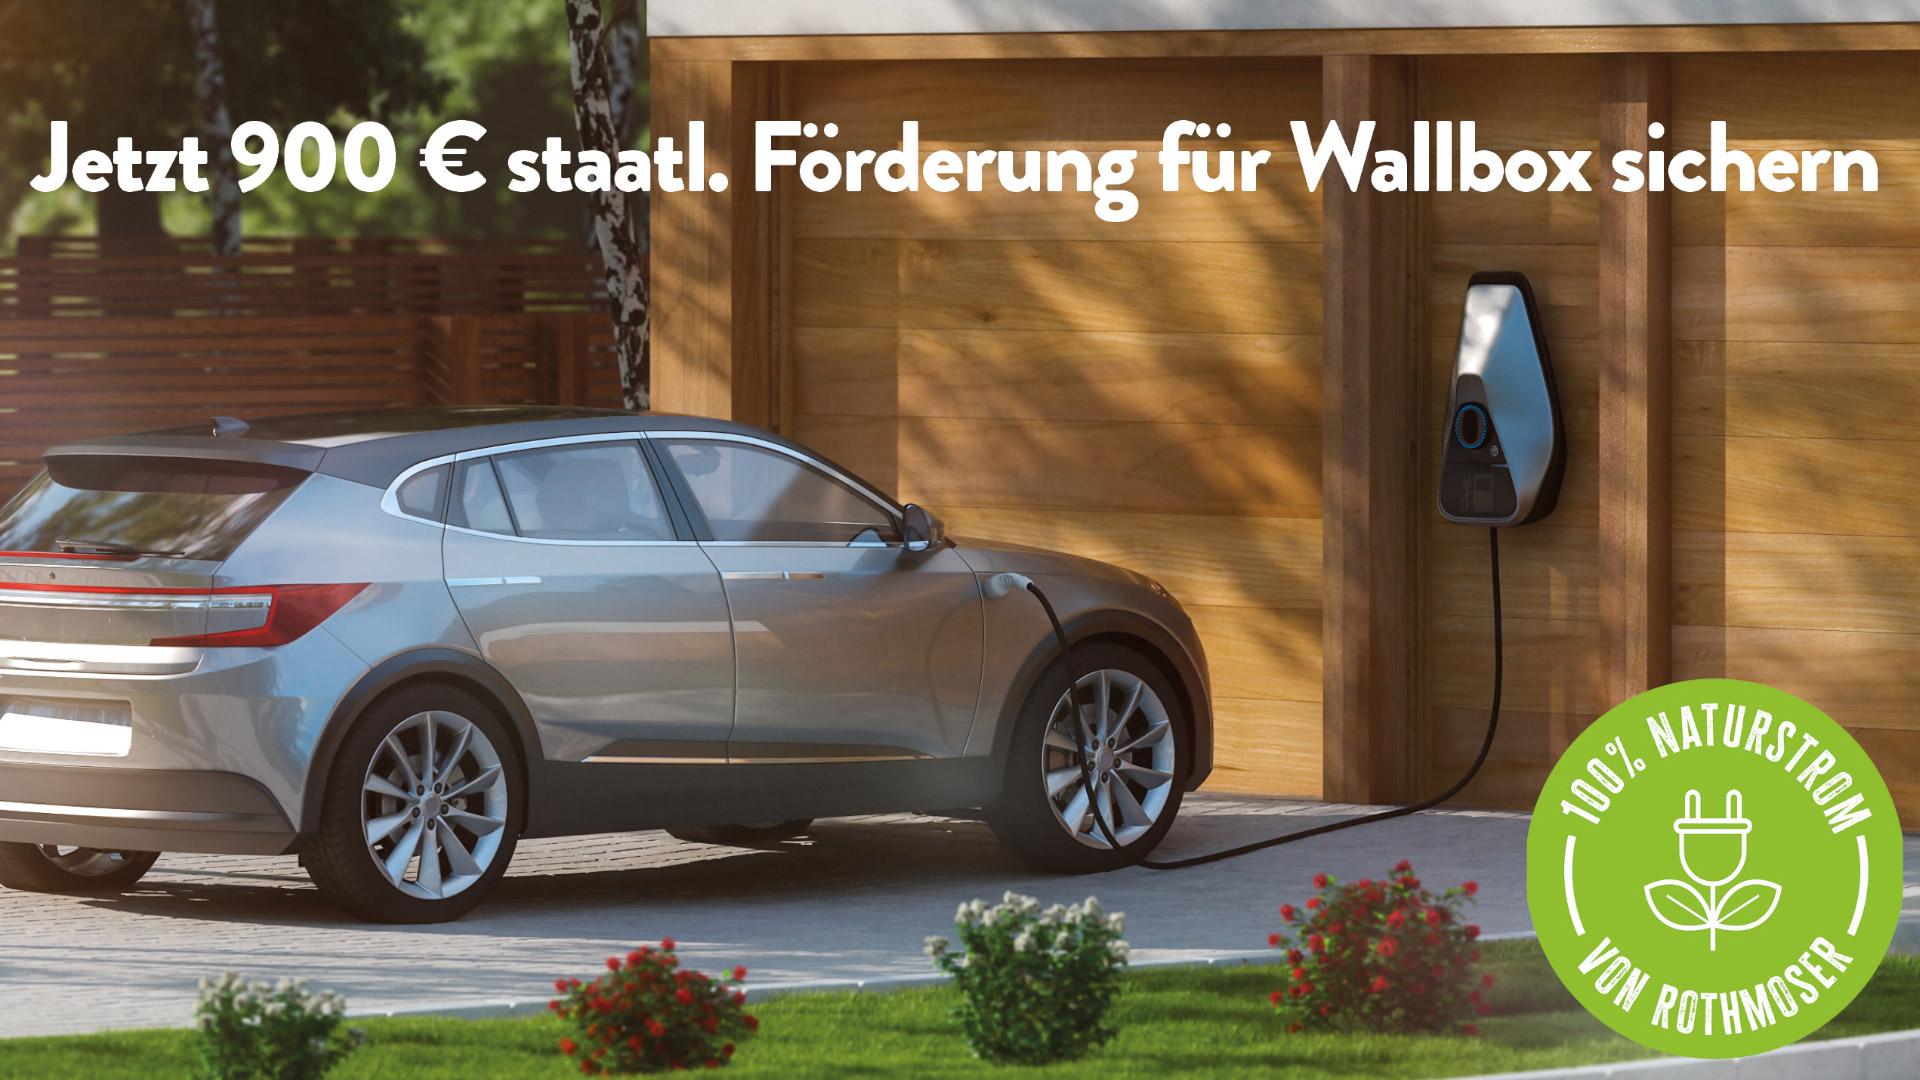 Aufruf zur Sicherung der staatlichen Förderung von 900 Euro für Wallboxen mit dem Rothmoser Natrustrom